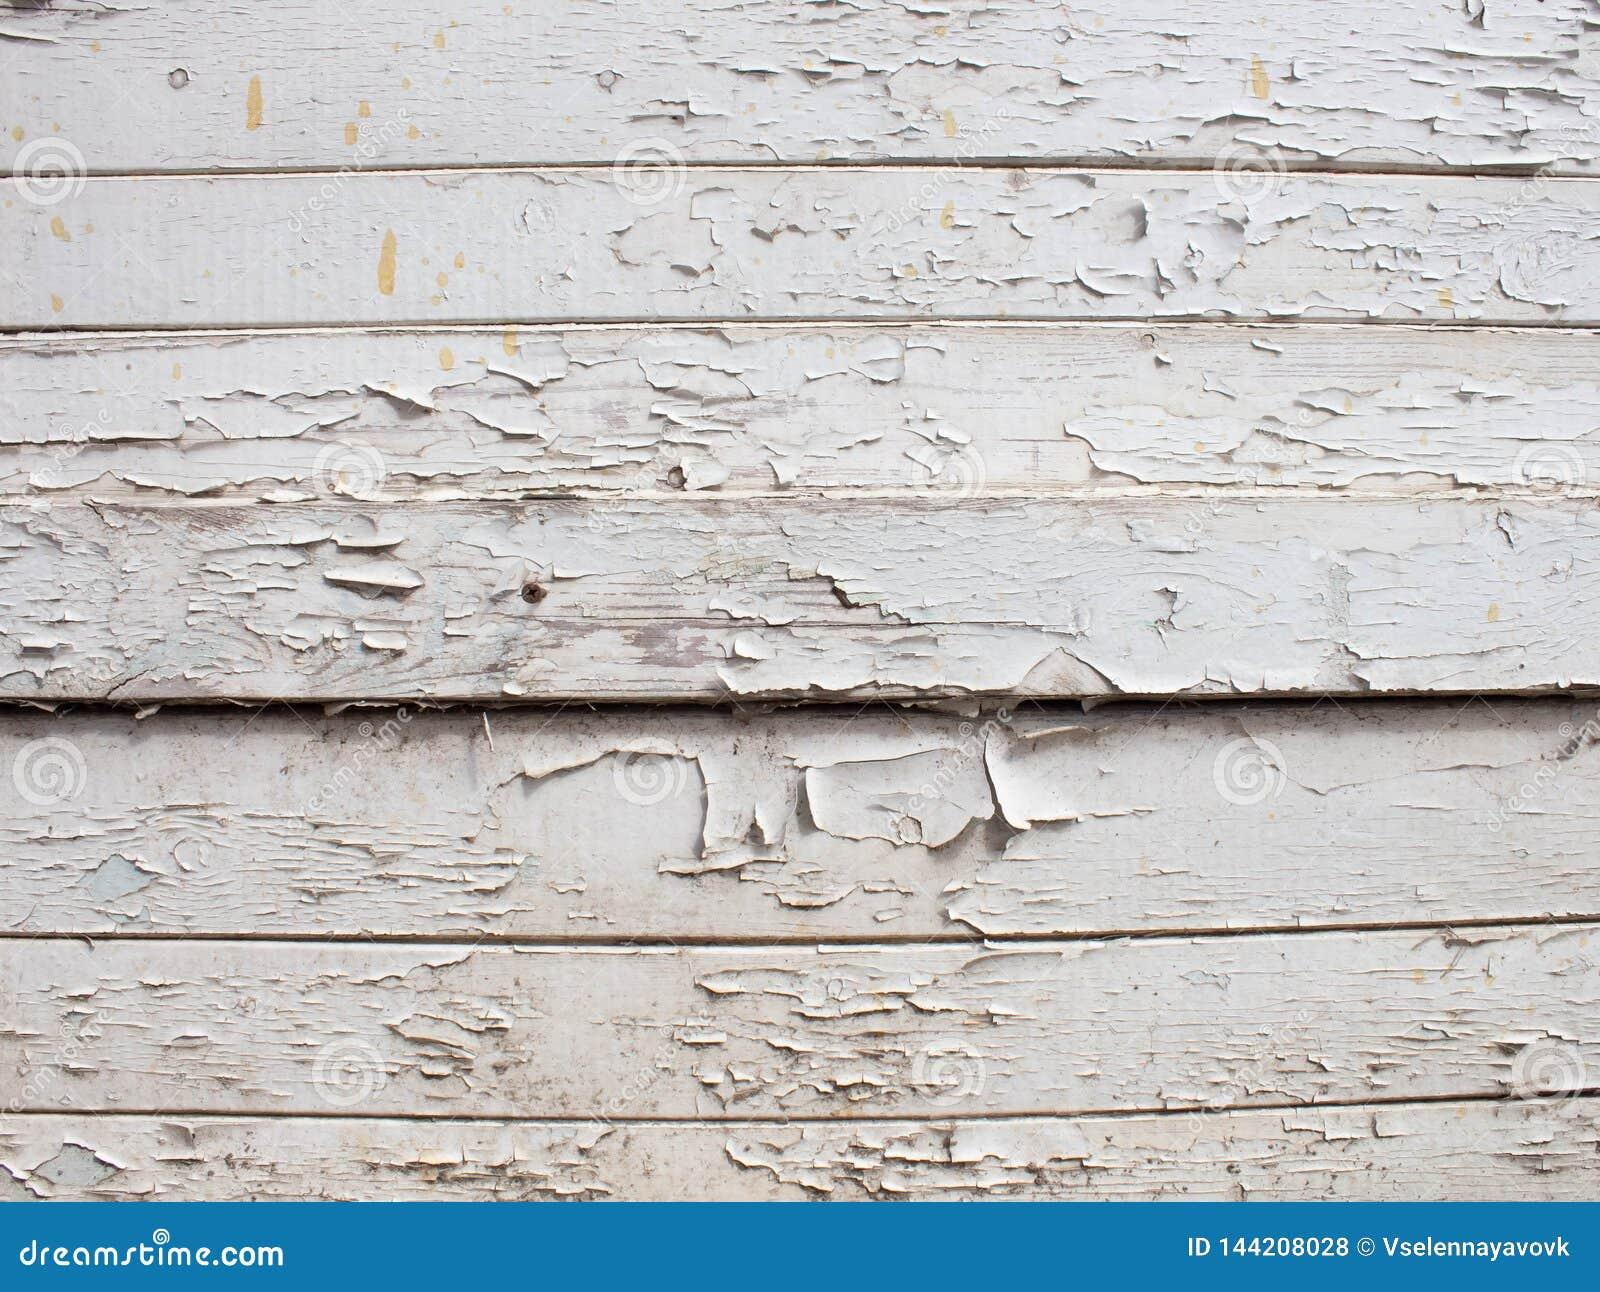 Το άσπρο ξύλινο υπόβαθρο με το παλαιό χρώμα, ραγίζει, γρατζουνίζει Διάστημα στο πλαίσιο του κειμένου Το παλαιό κολόβωμα ασπρίζει